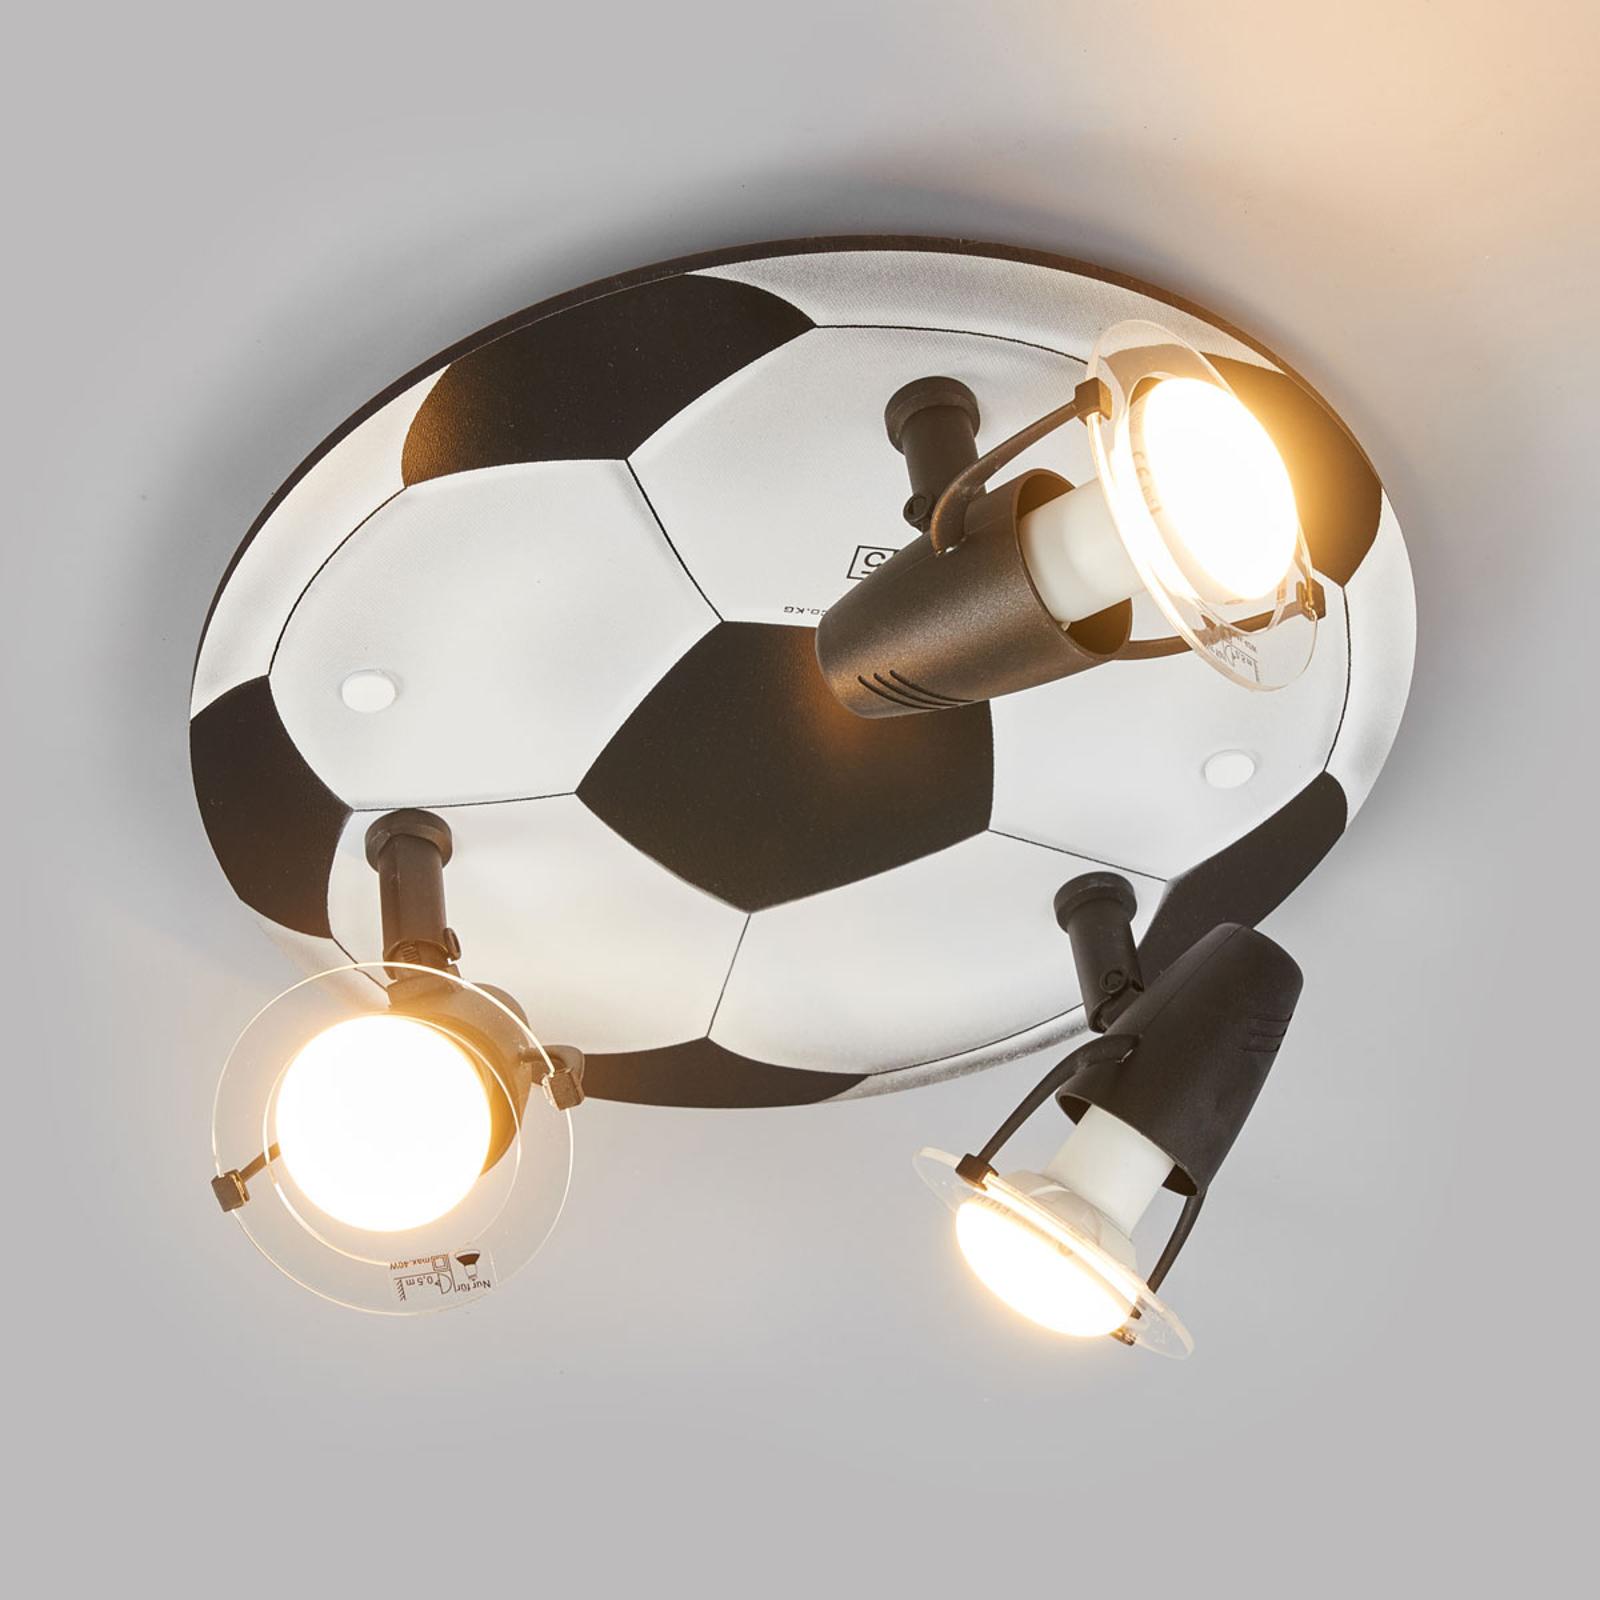 ALEXANDRA plafondlamp FUSSBALL, 3-lichts